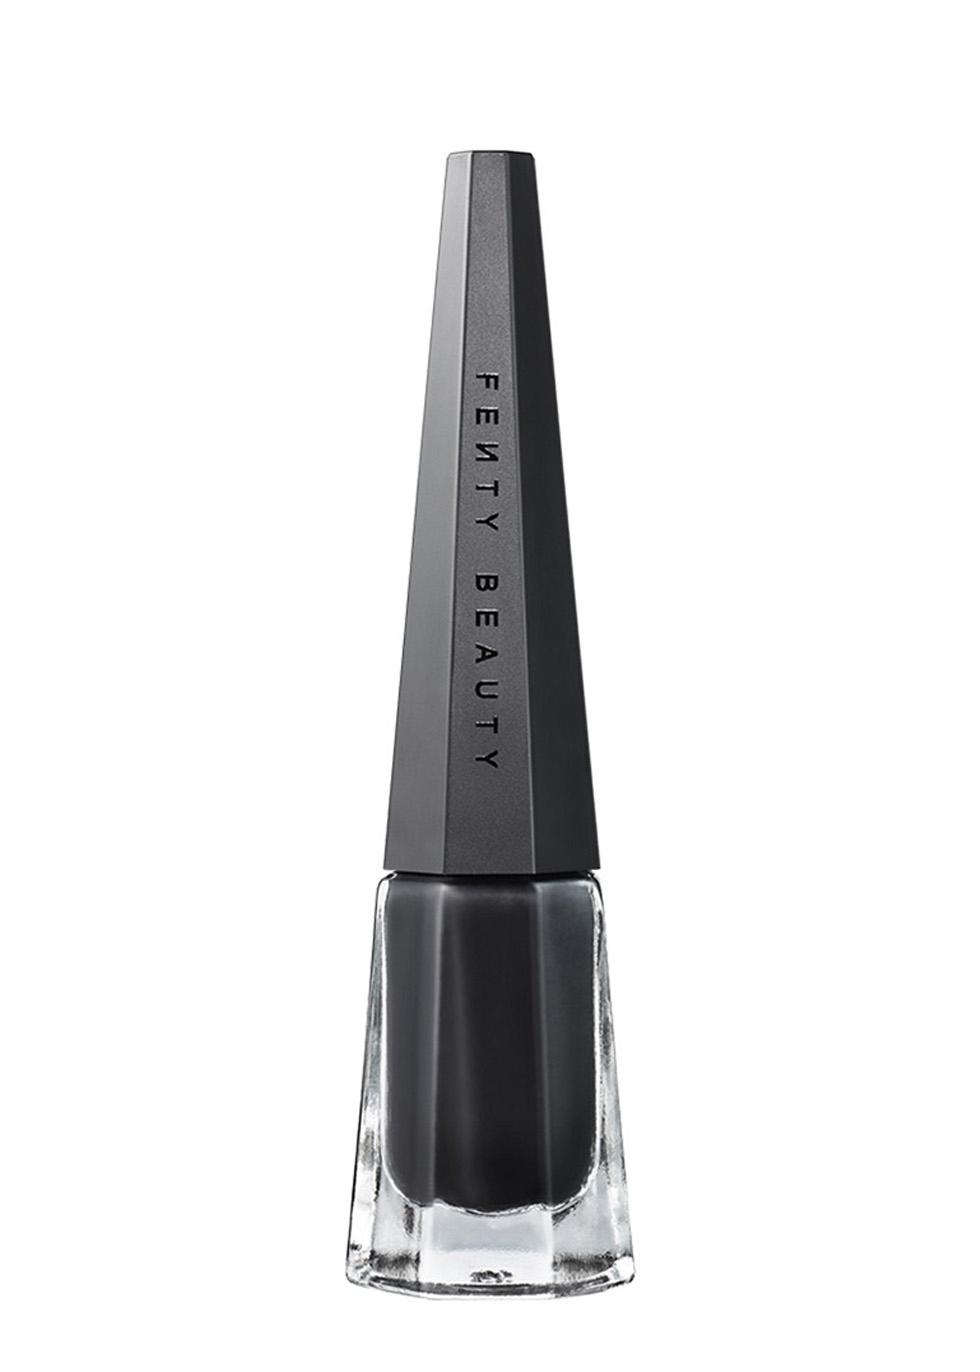 Stunna Lip Paint - Uninvited - FENTY BEAUTY